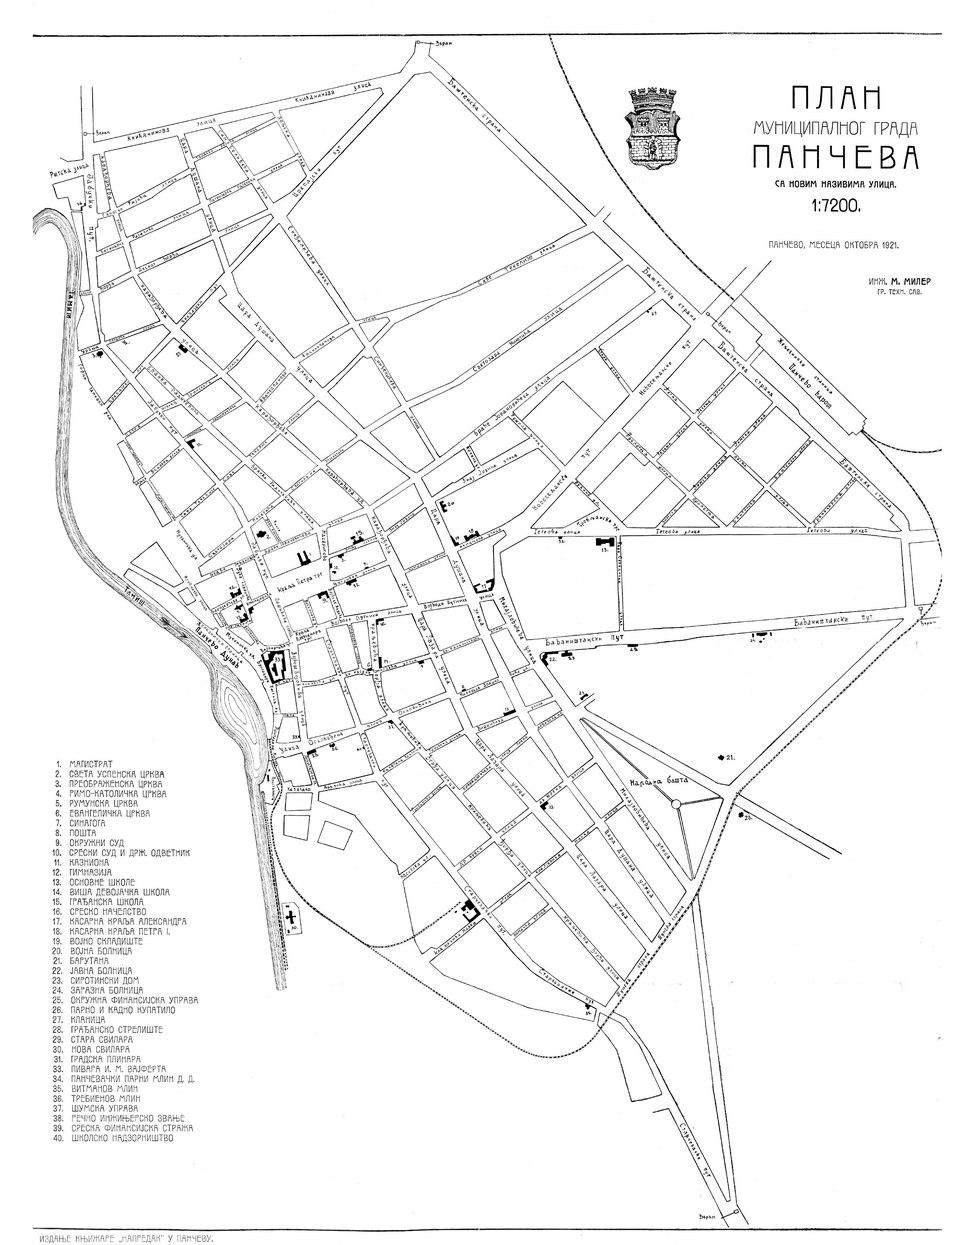 Plan Pančeva.pdf